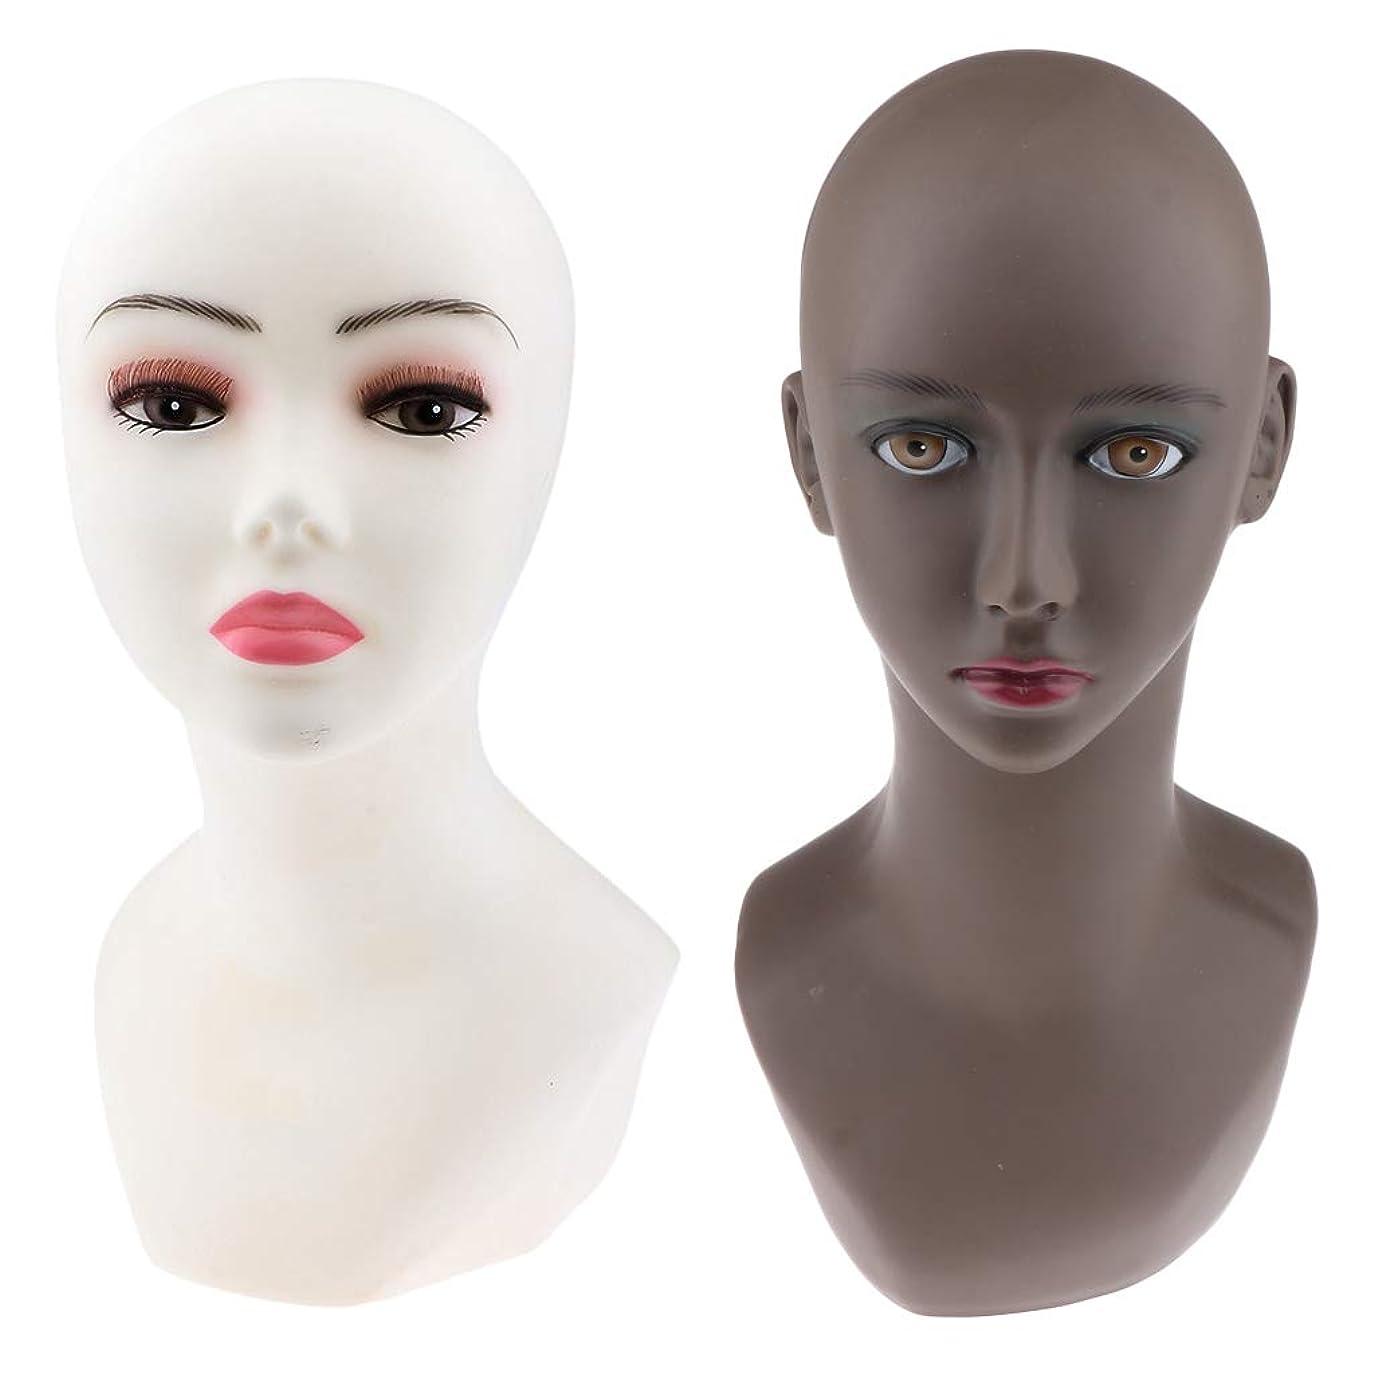 重力鉄一致するT TOOYFUL 2個セット マネキンヘッド 女性 ヘッドモデル PVC製 かつら作成 美容 化粧練習 洋服店 美容院